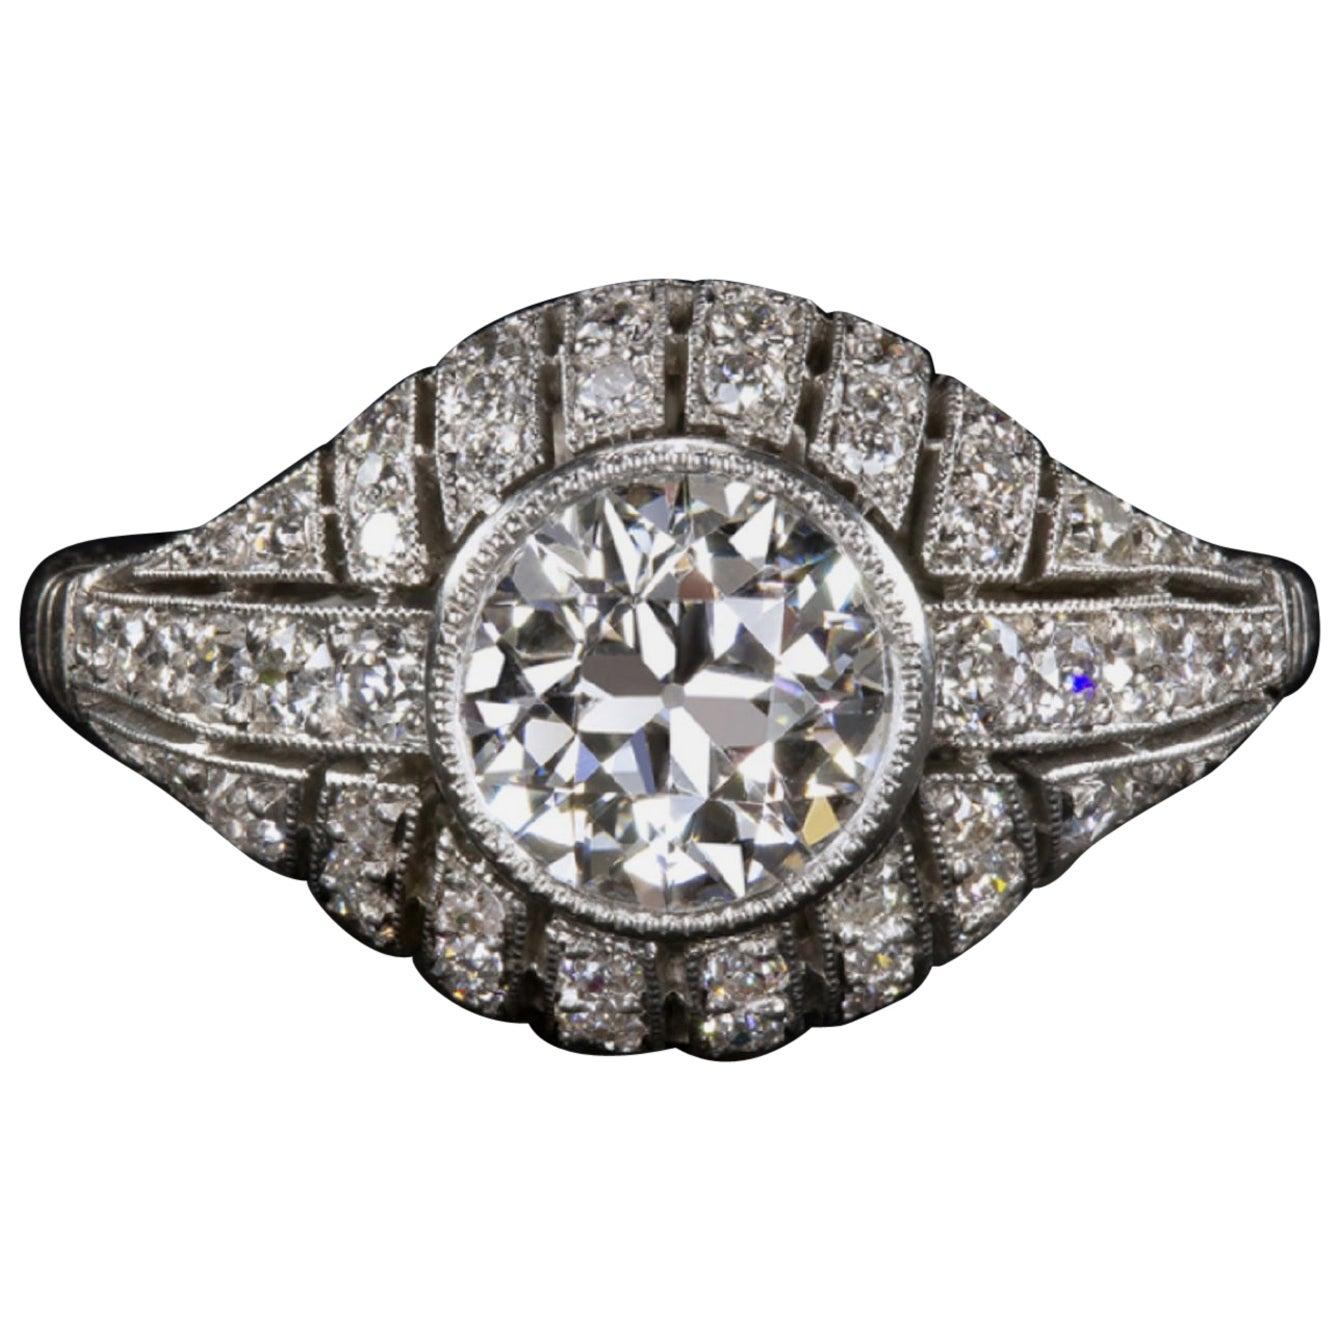 1.65 Carat Art Deco Platinum Ring